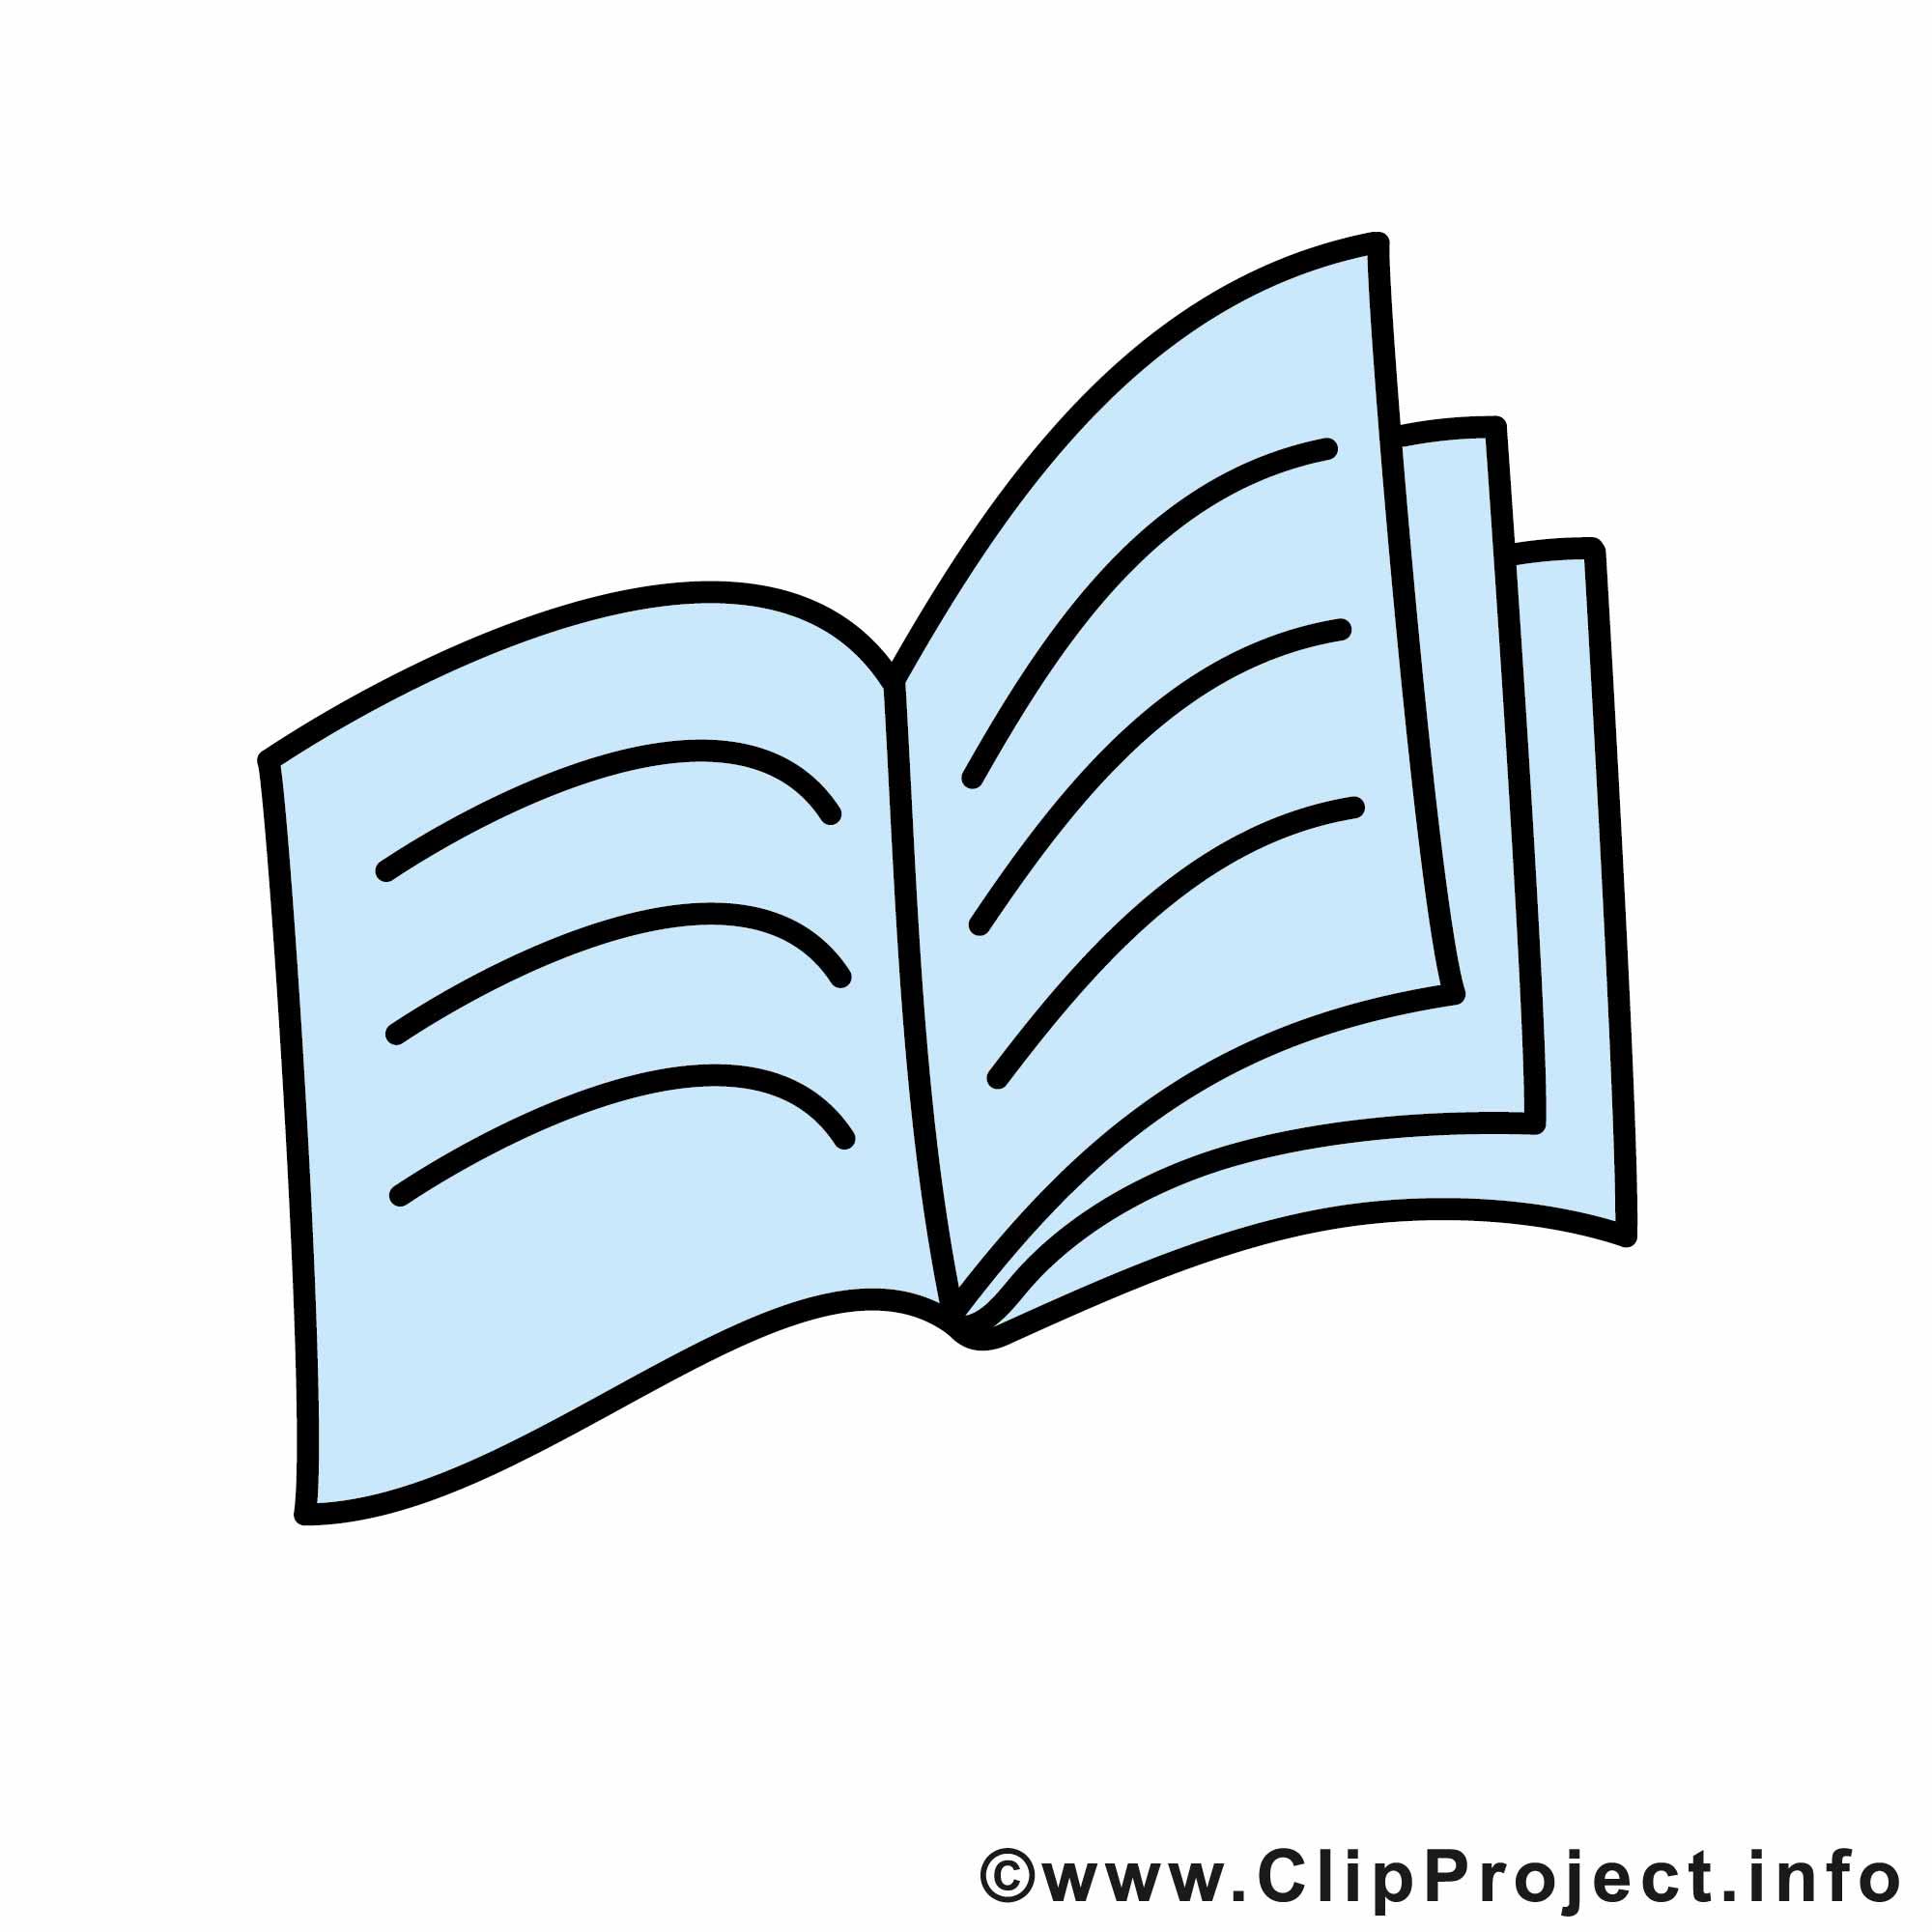 Buch clipart kostenlos graphic download Buch Cliparts kostenlos graphic download